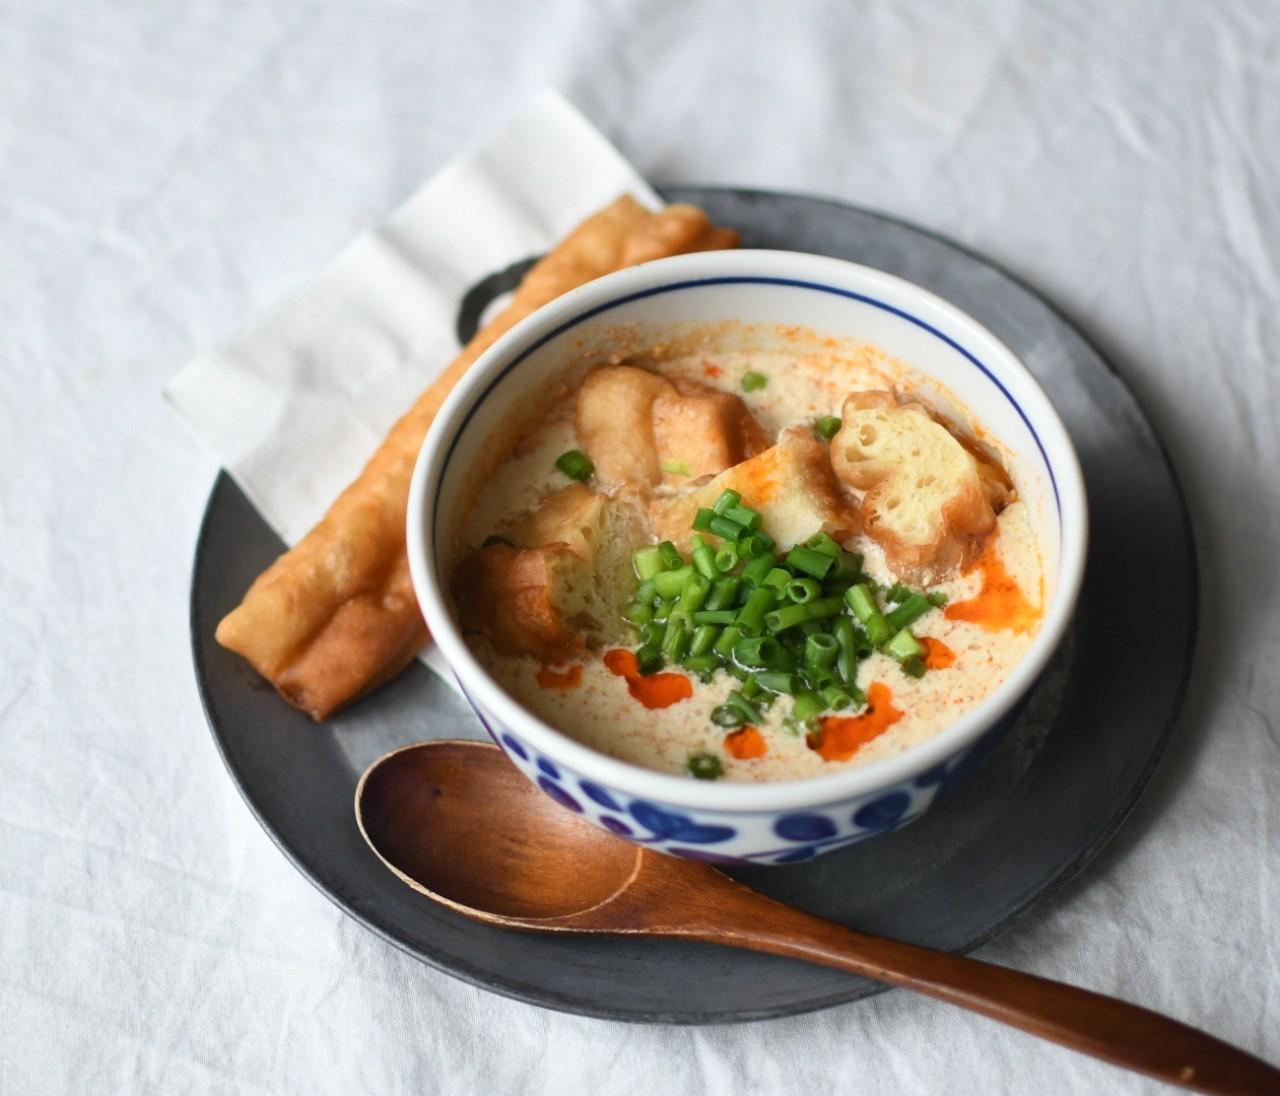 【カルディ(KALDI)】1袋分66円♡ 台湾式のおしゃれ朝食が3分で完成する「鹹豆漿の素」